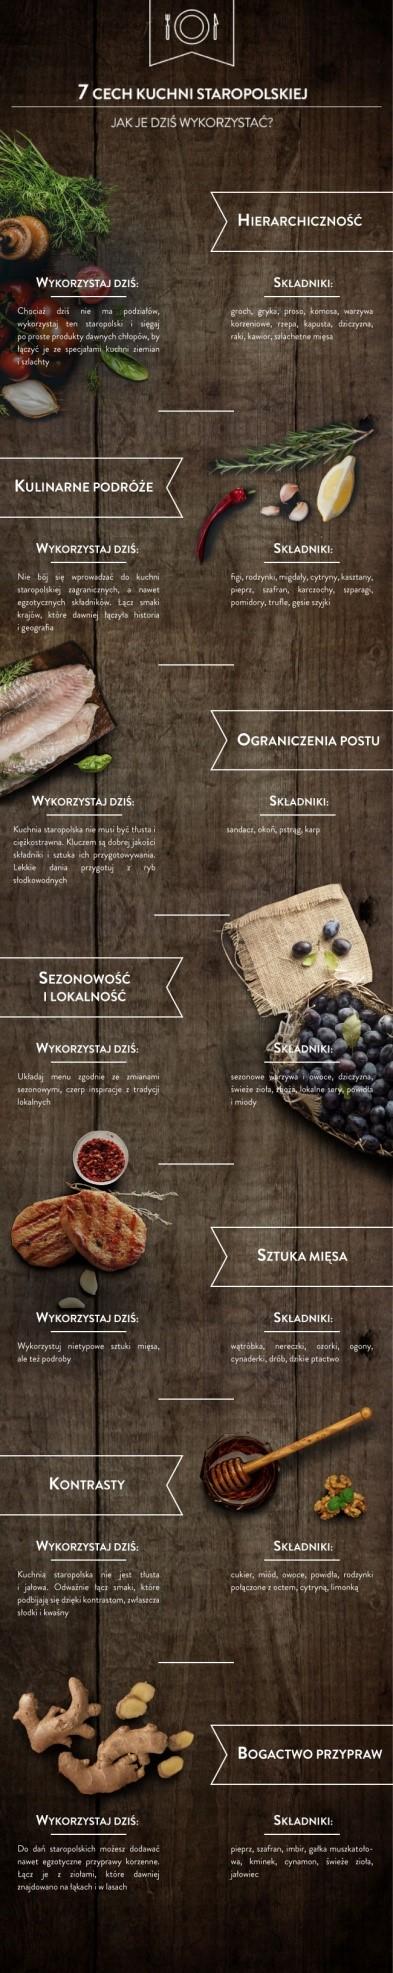 Kuchnia Staropolska W Nowoczesnym Wydaniu Horecanetpl